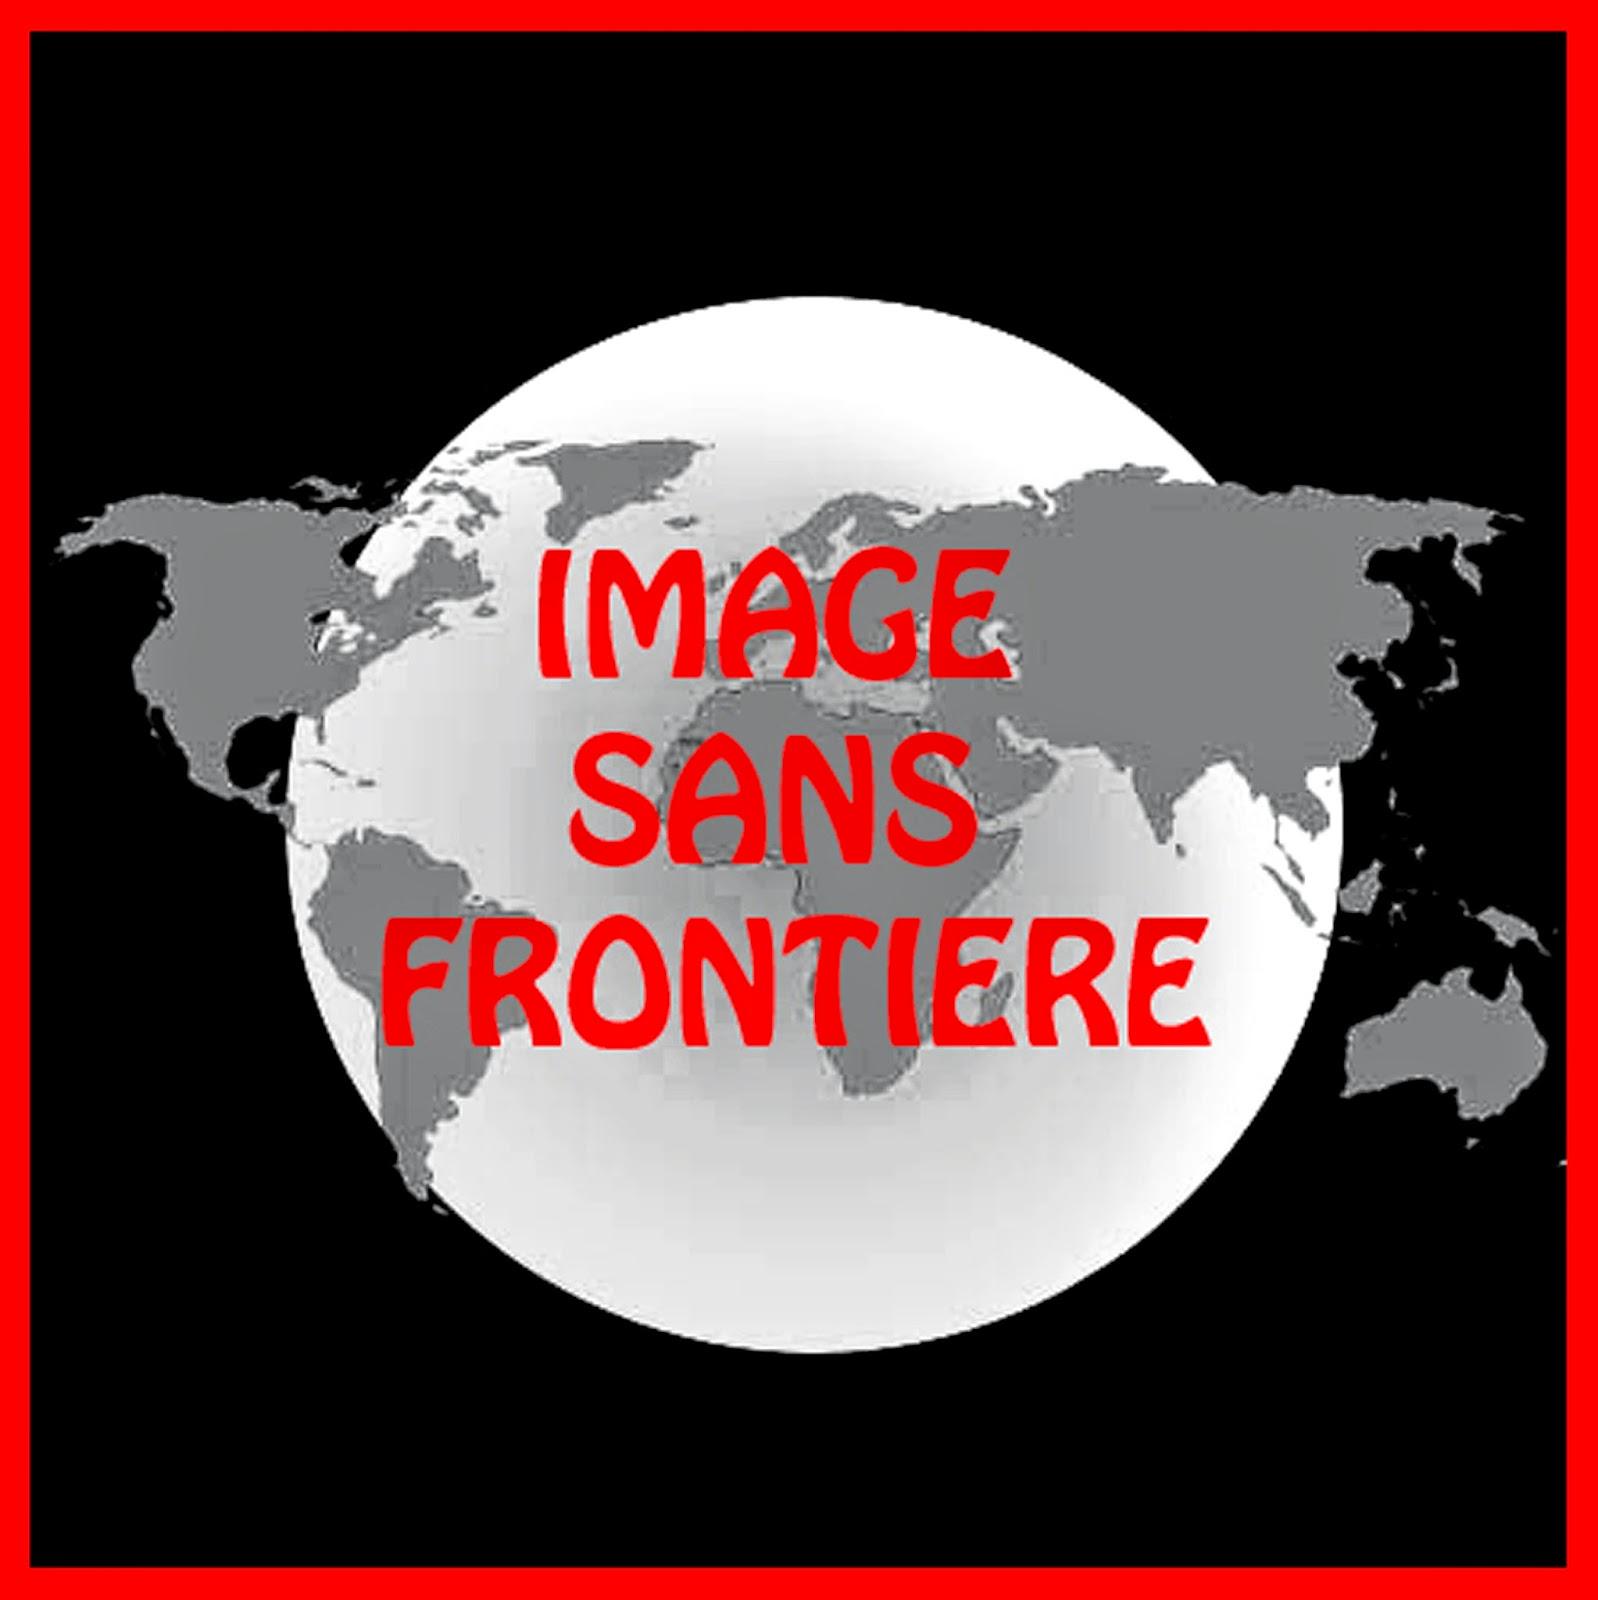 http://www.image-sans-frontiere.com/